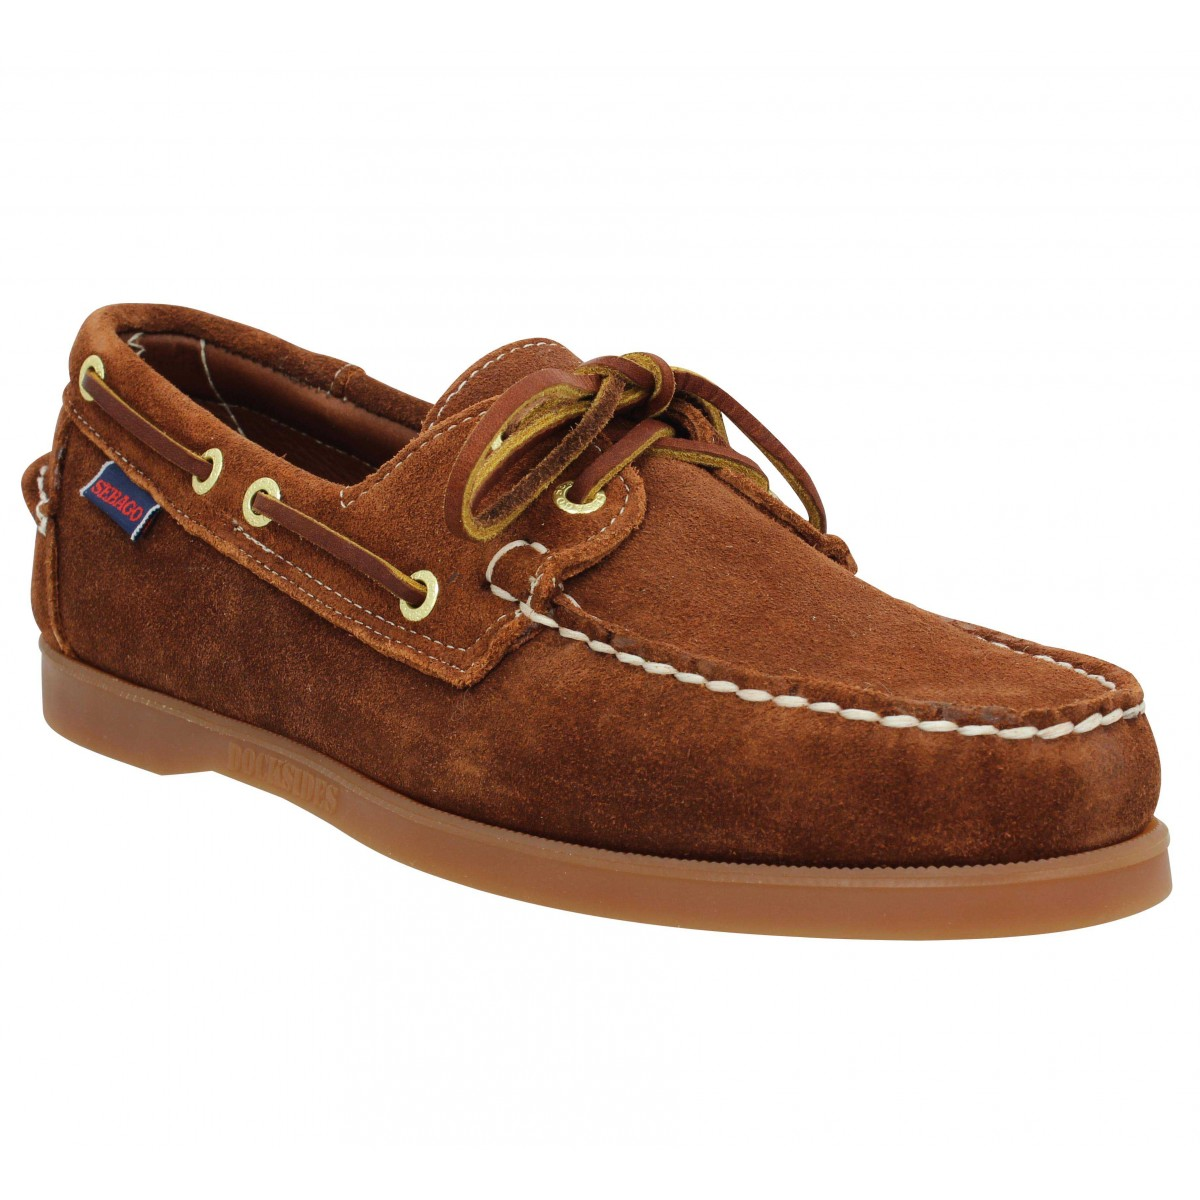 Chaussures bateaux SEBAGO Docksides velours Homme Cognac